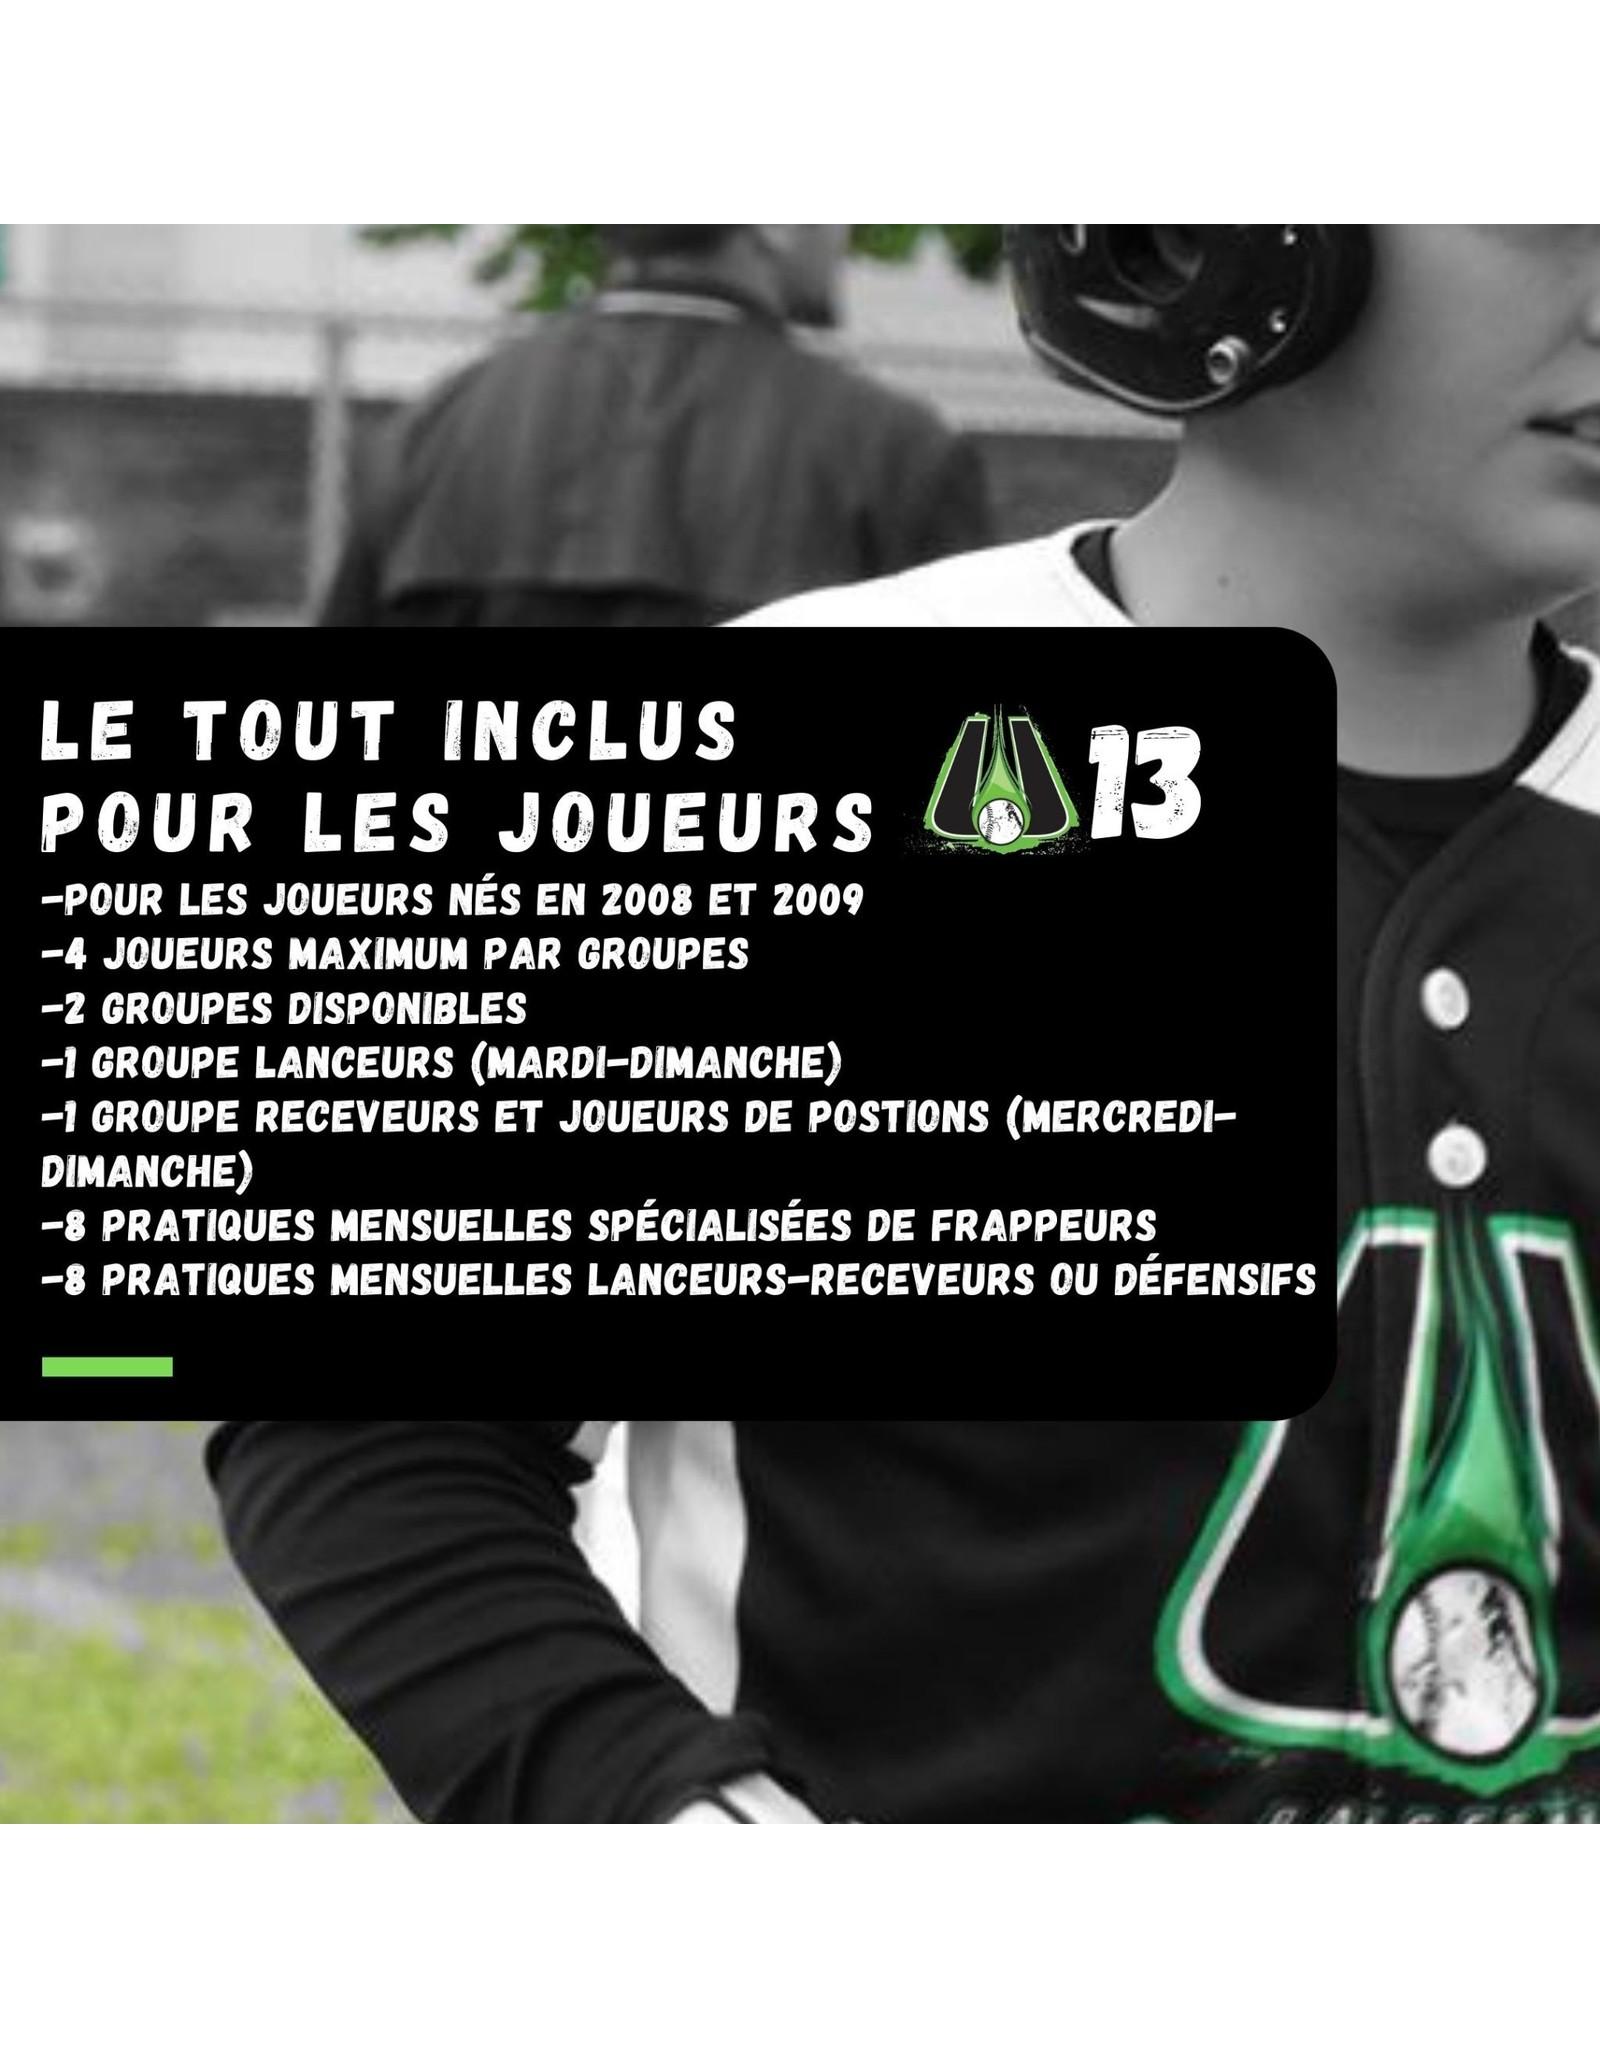 Copy of Tout inclus mensuel U11  (Groupe du mercredi et dimanche)